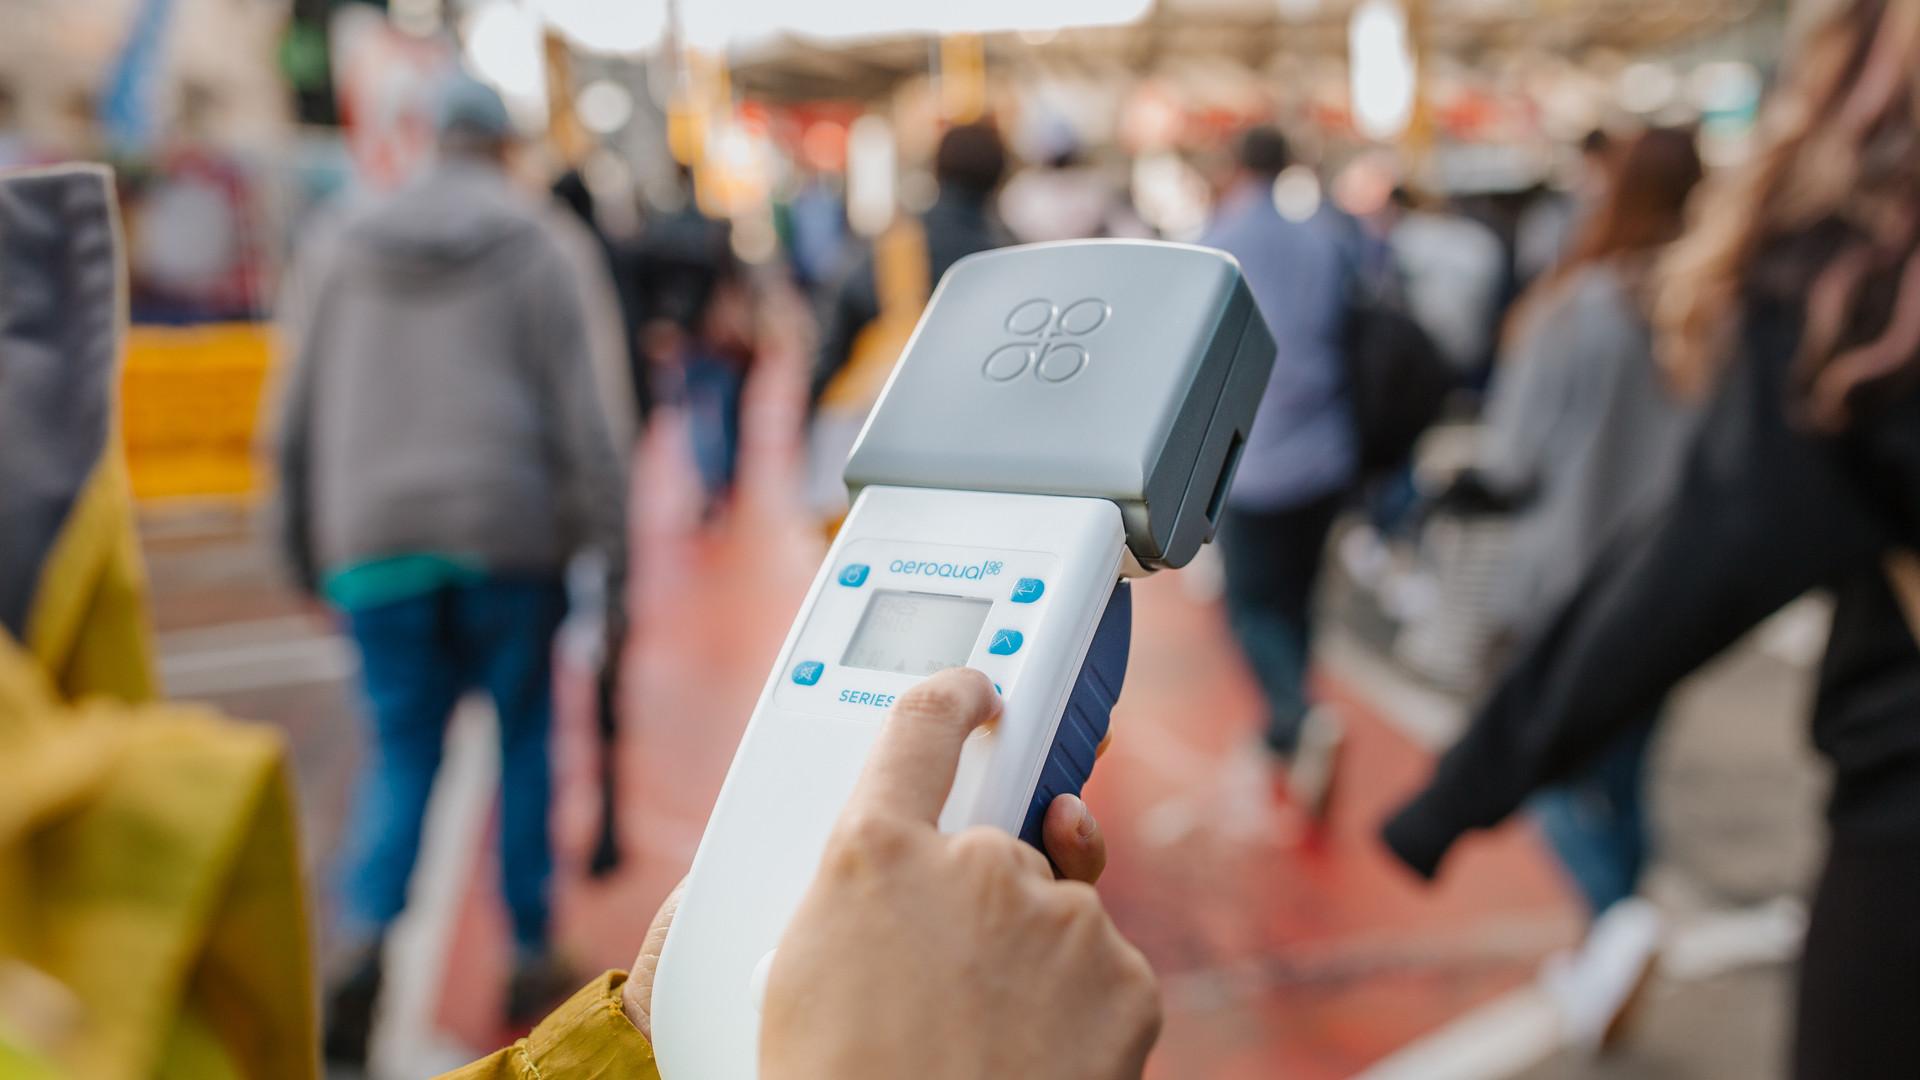 Aeroqual-portable hand monitor-31 Aug 20